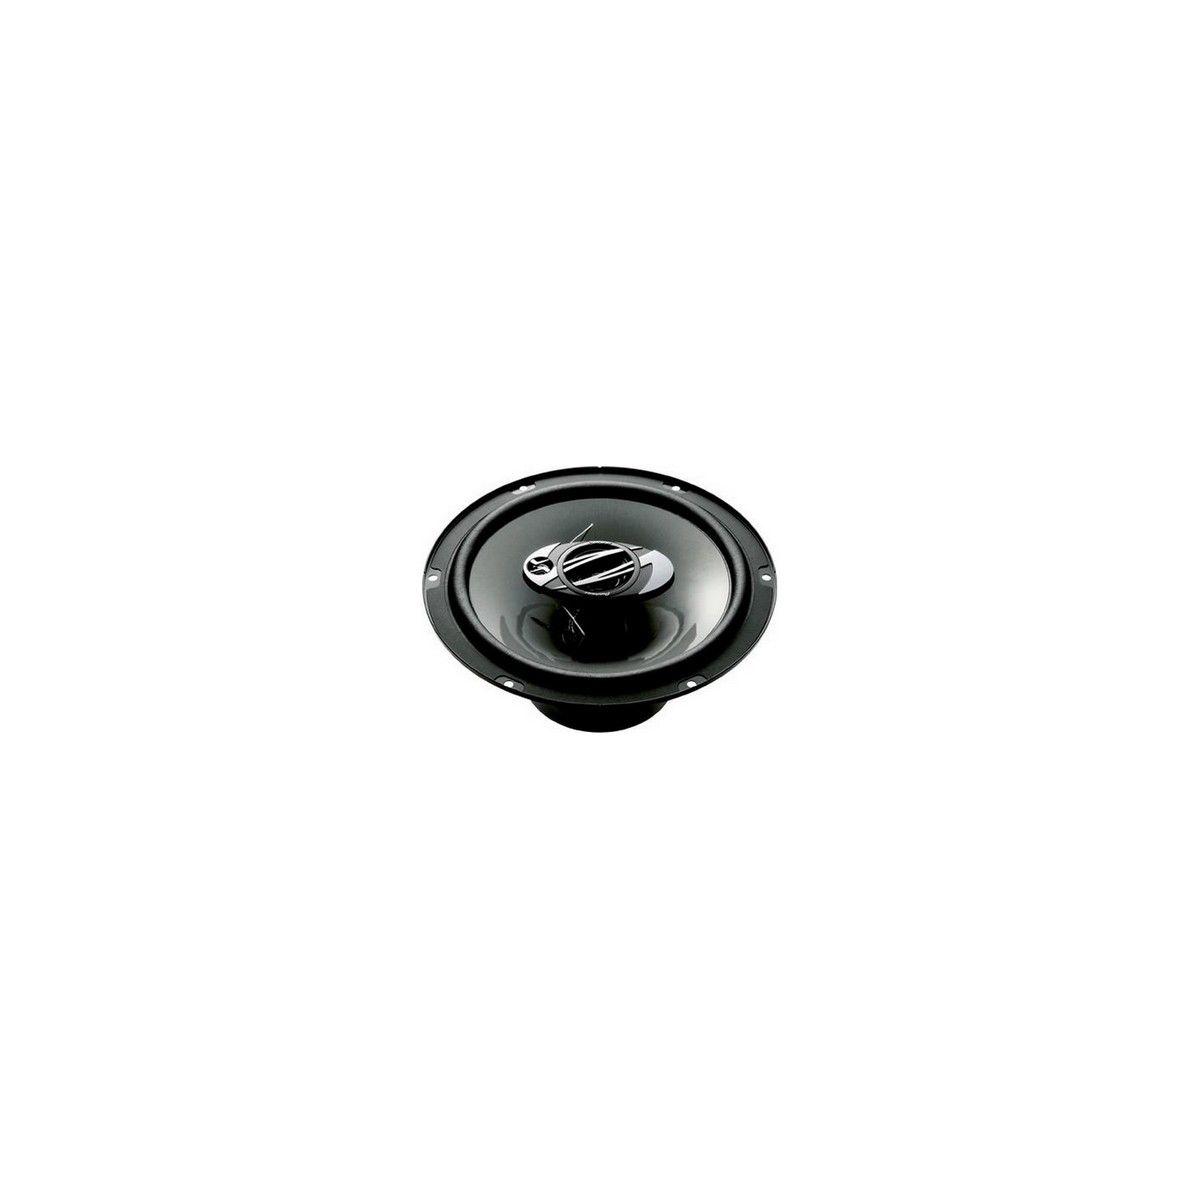 Haut-parleur pioneer ts-a2503 (photo)